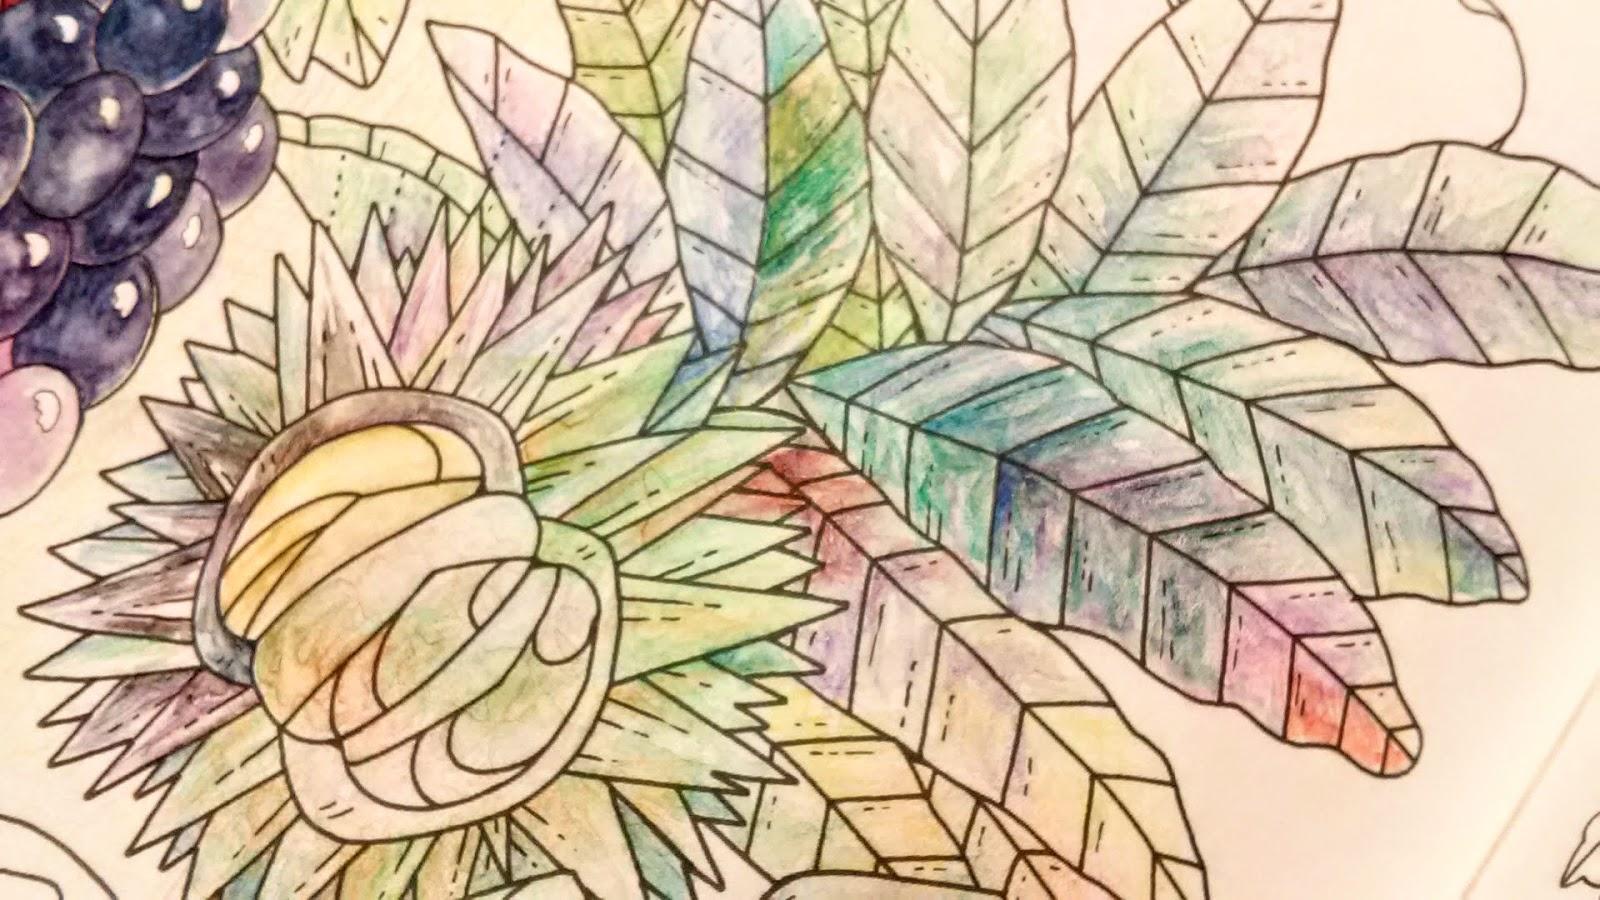 画像3「栗、葉」